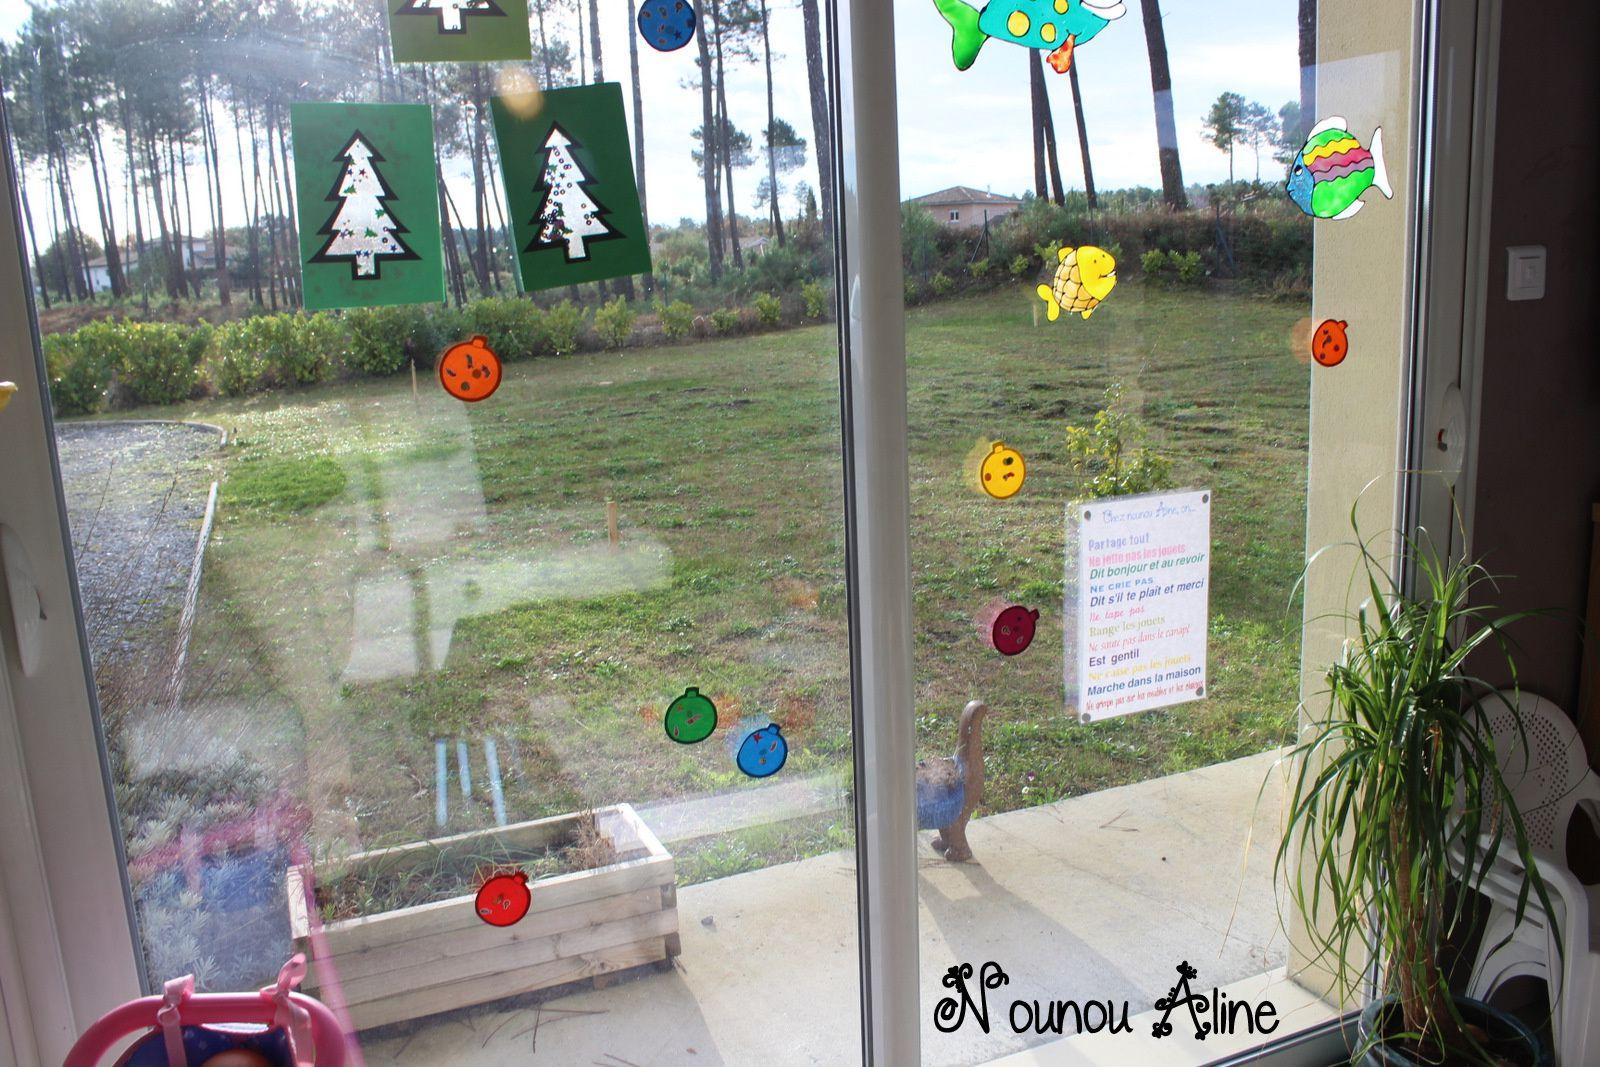 #46613F Decoration De Vitre : Des Boules De Noel Nounou Aline 5491 décorations de noel pour vitres 1600x1067 px @ aertt.com